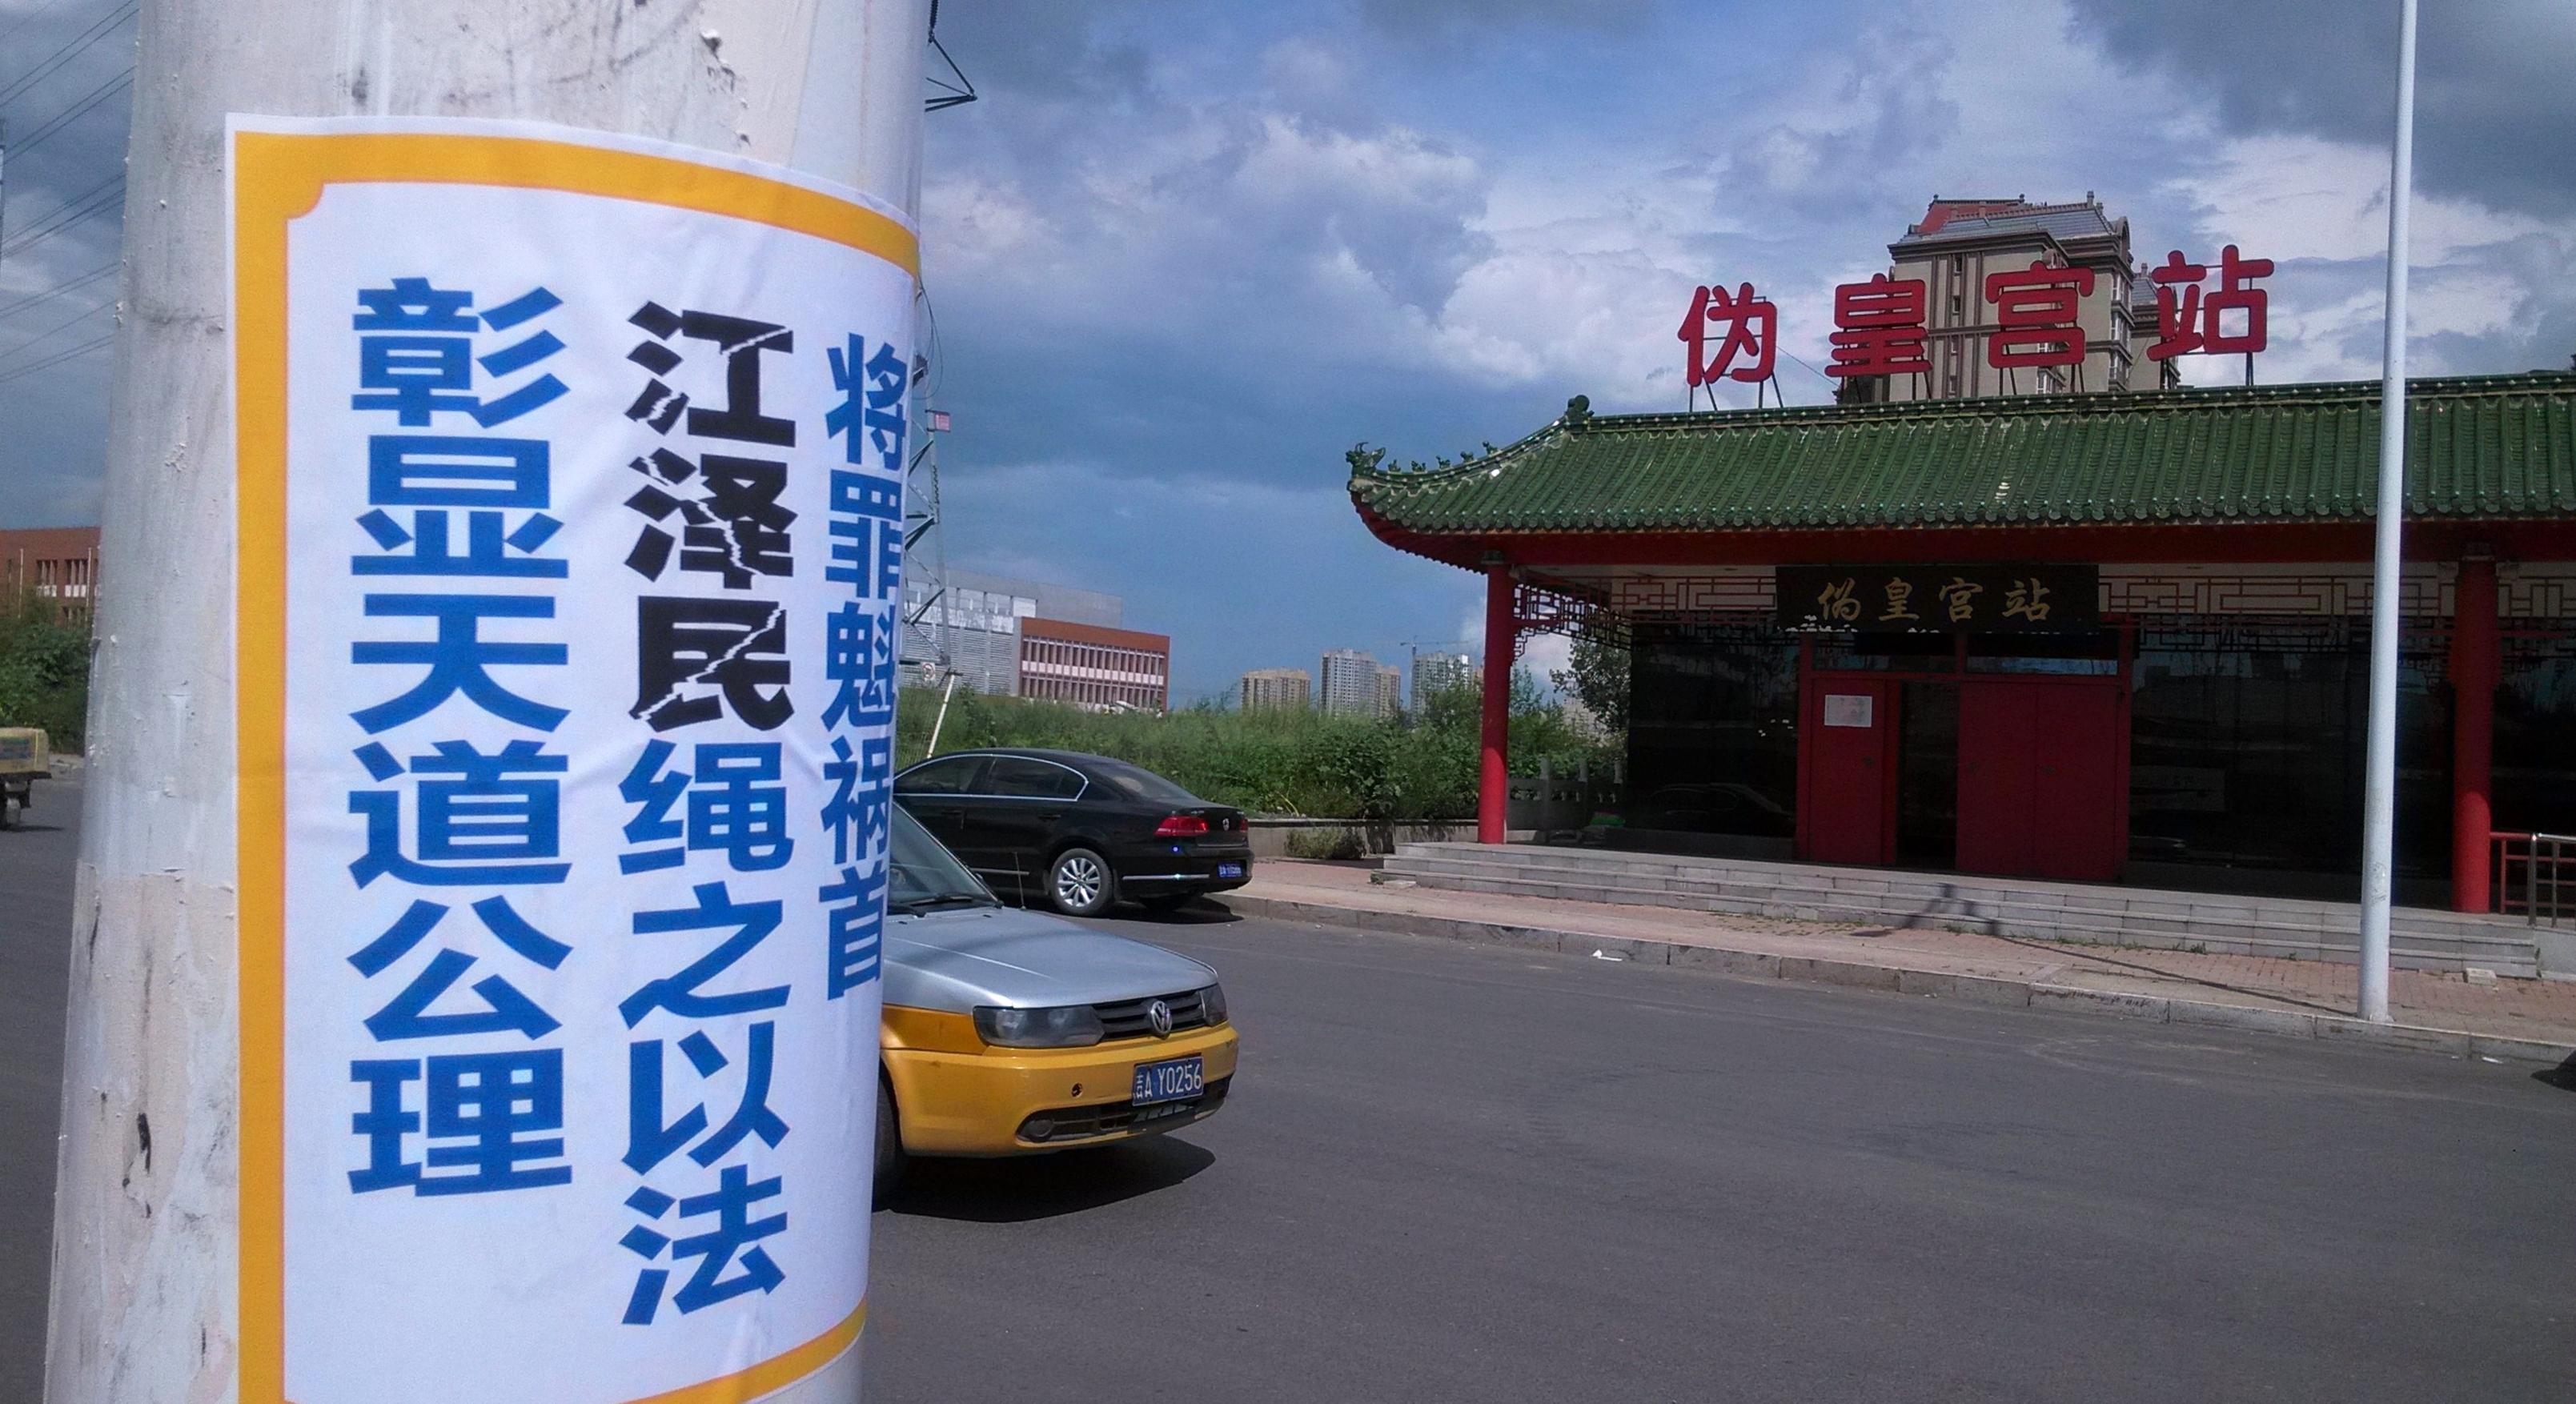 吉林省長春市の駅前にある柱に貼られたステッカー(明慧ネット)